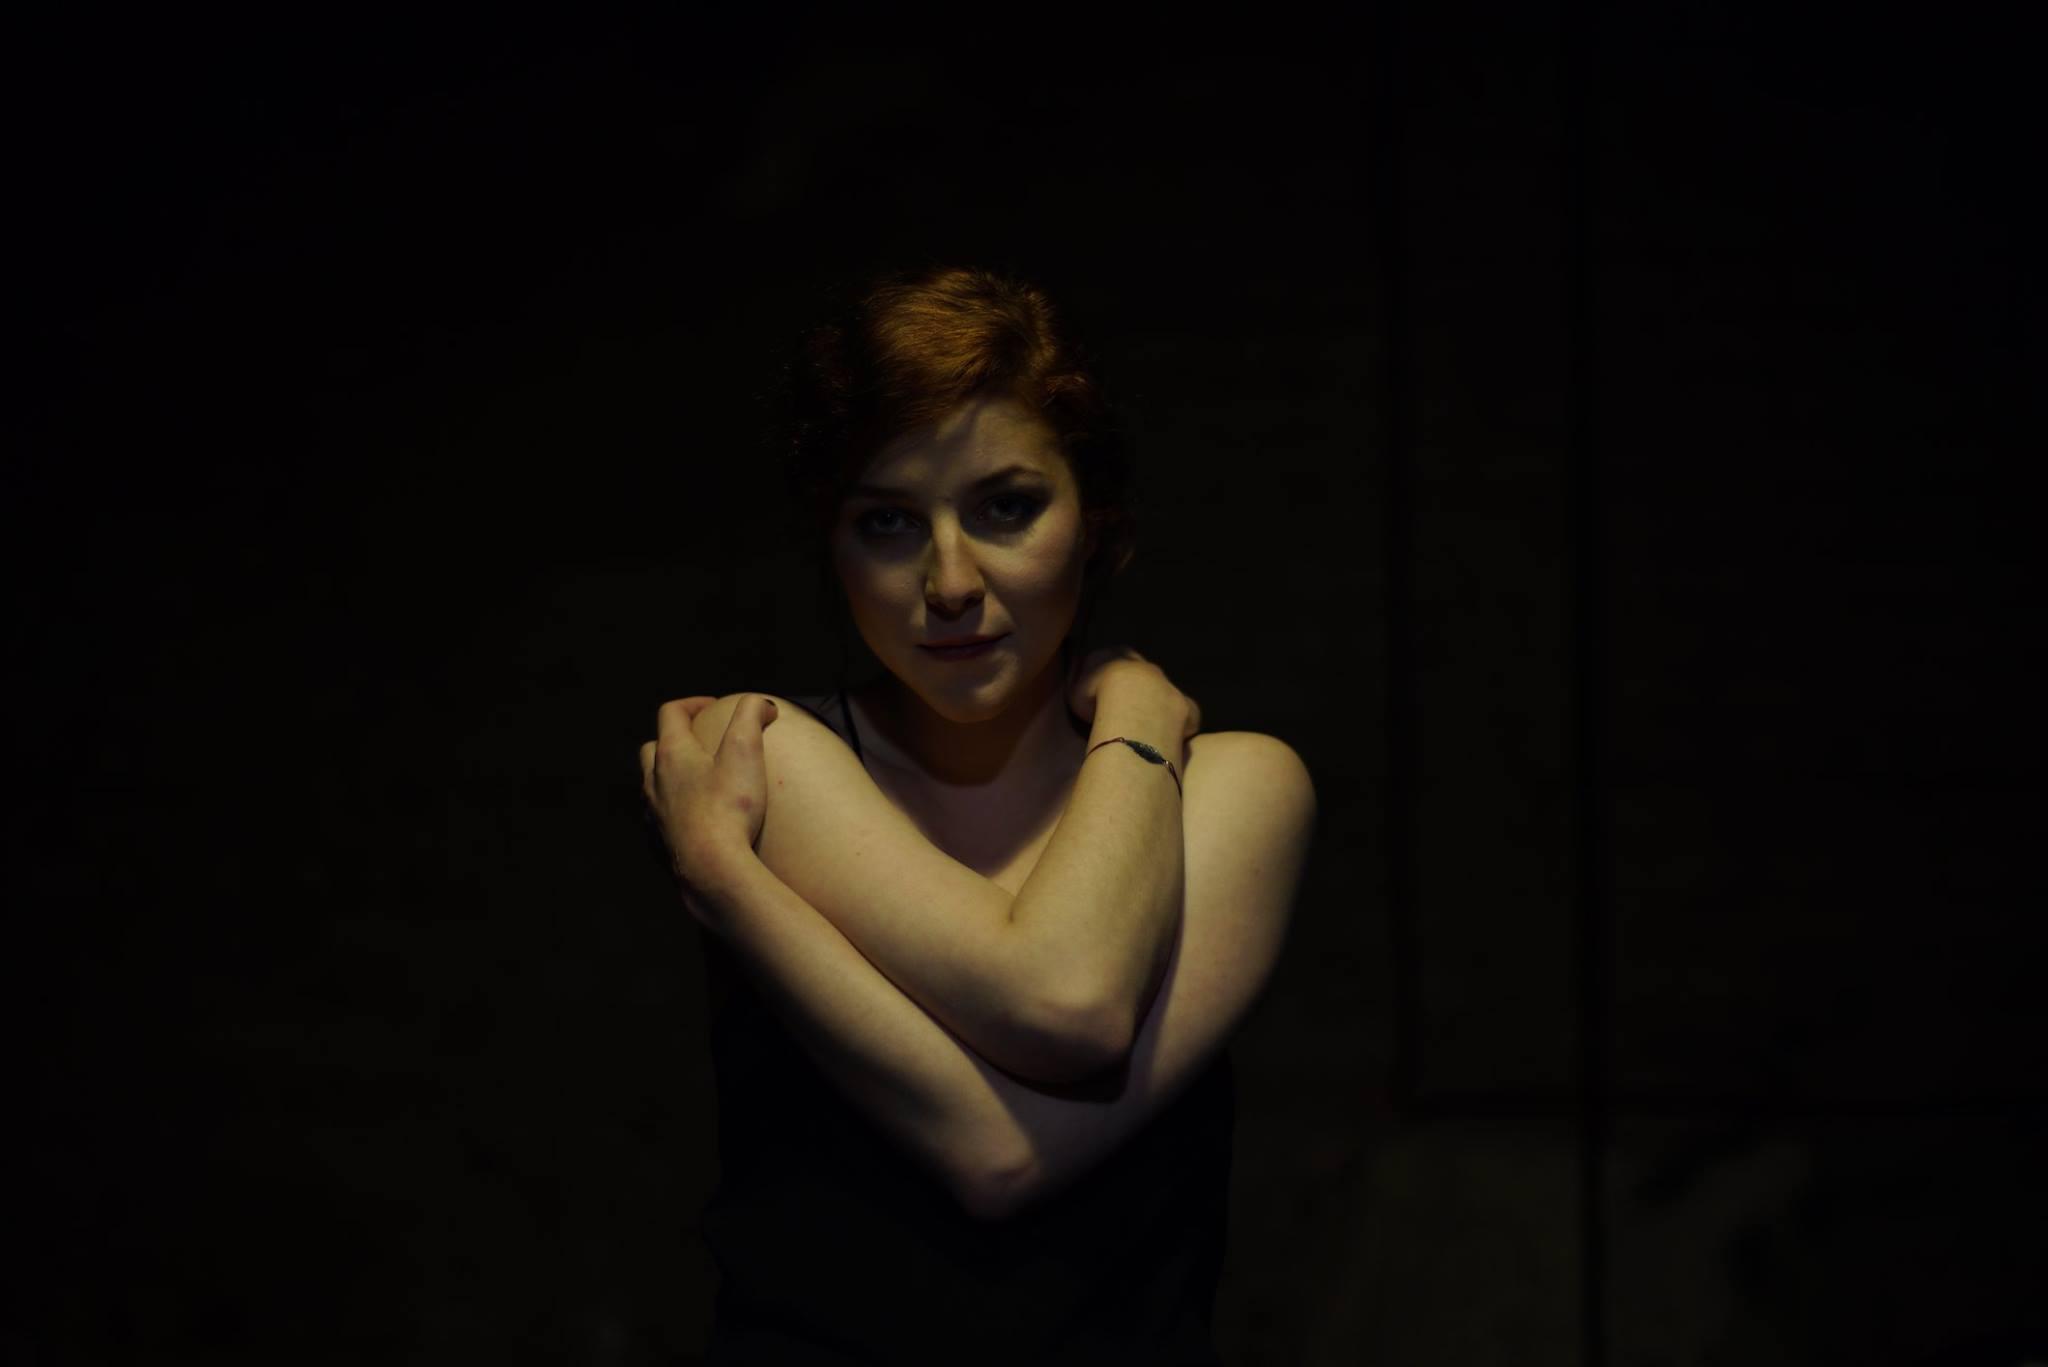 Гений и его злодейство. Насиловал ли Павленский актрису «Театра.doc»?